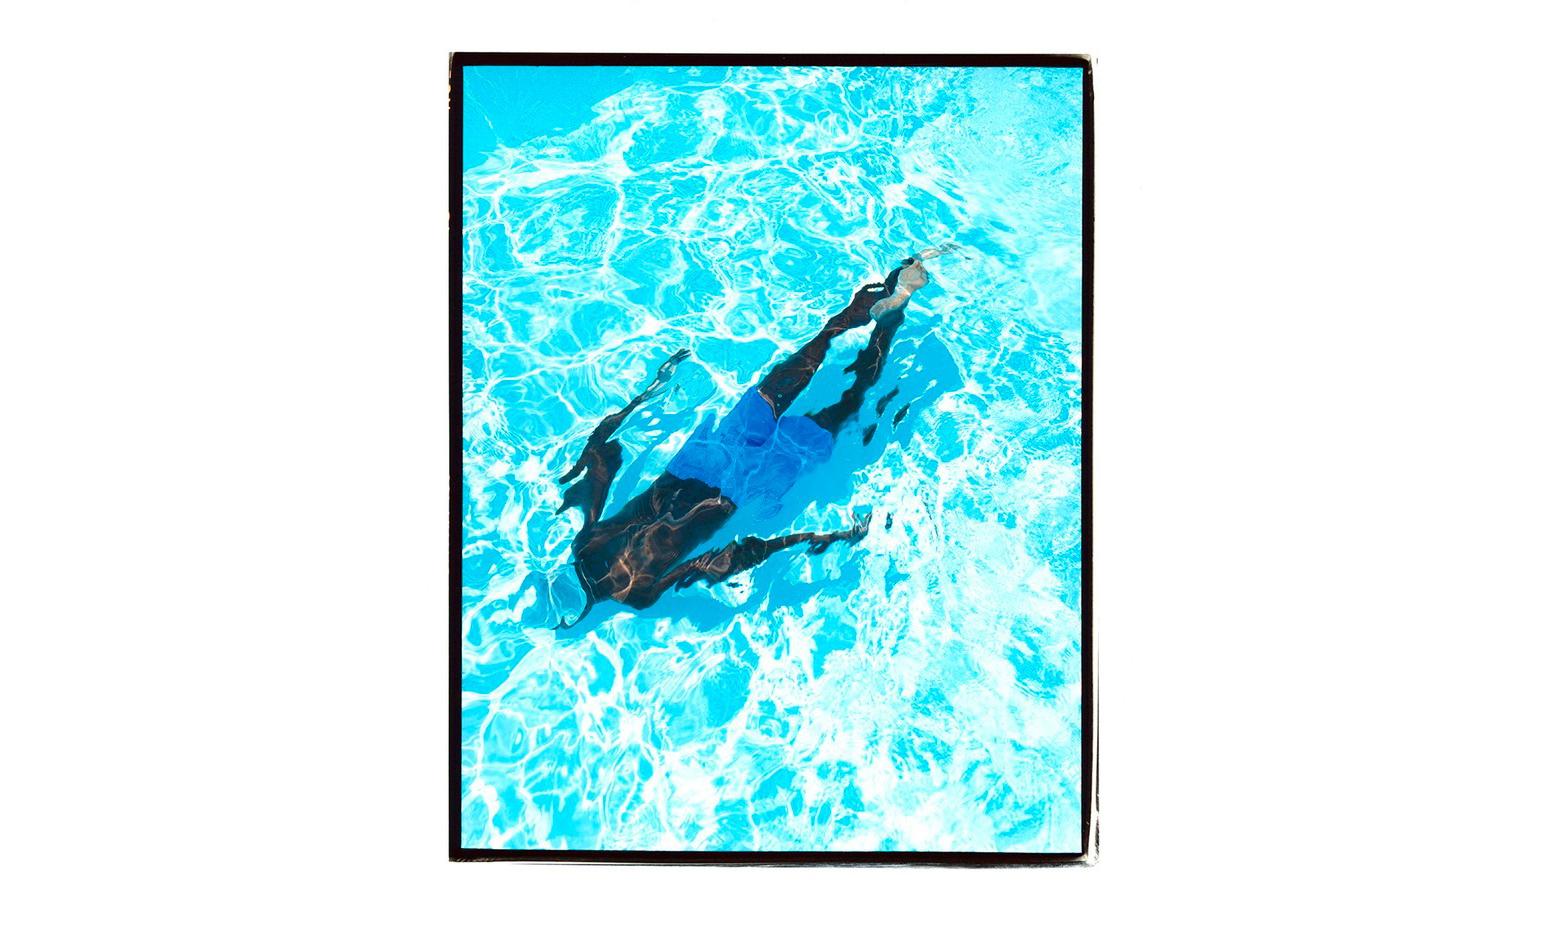 BEAMS 联手泳装品牌 Speedo 推出首个合作系列